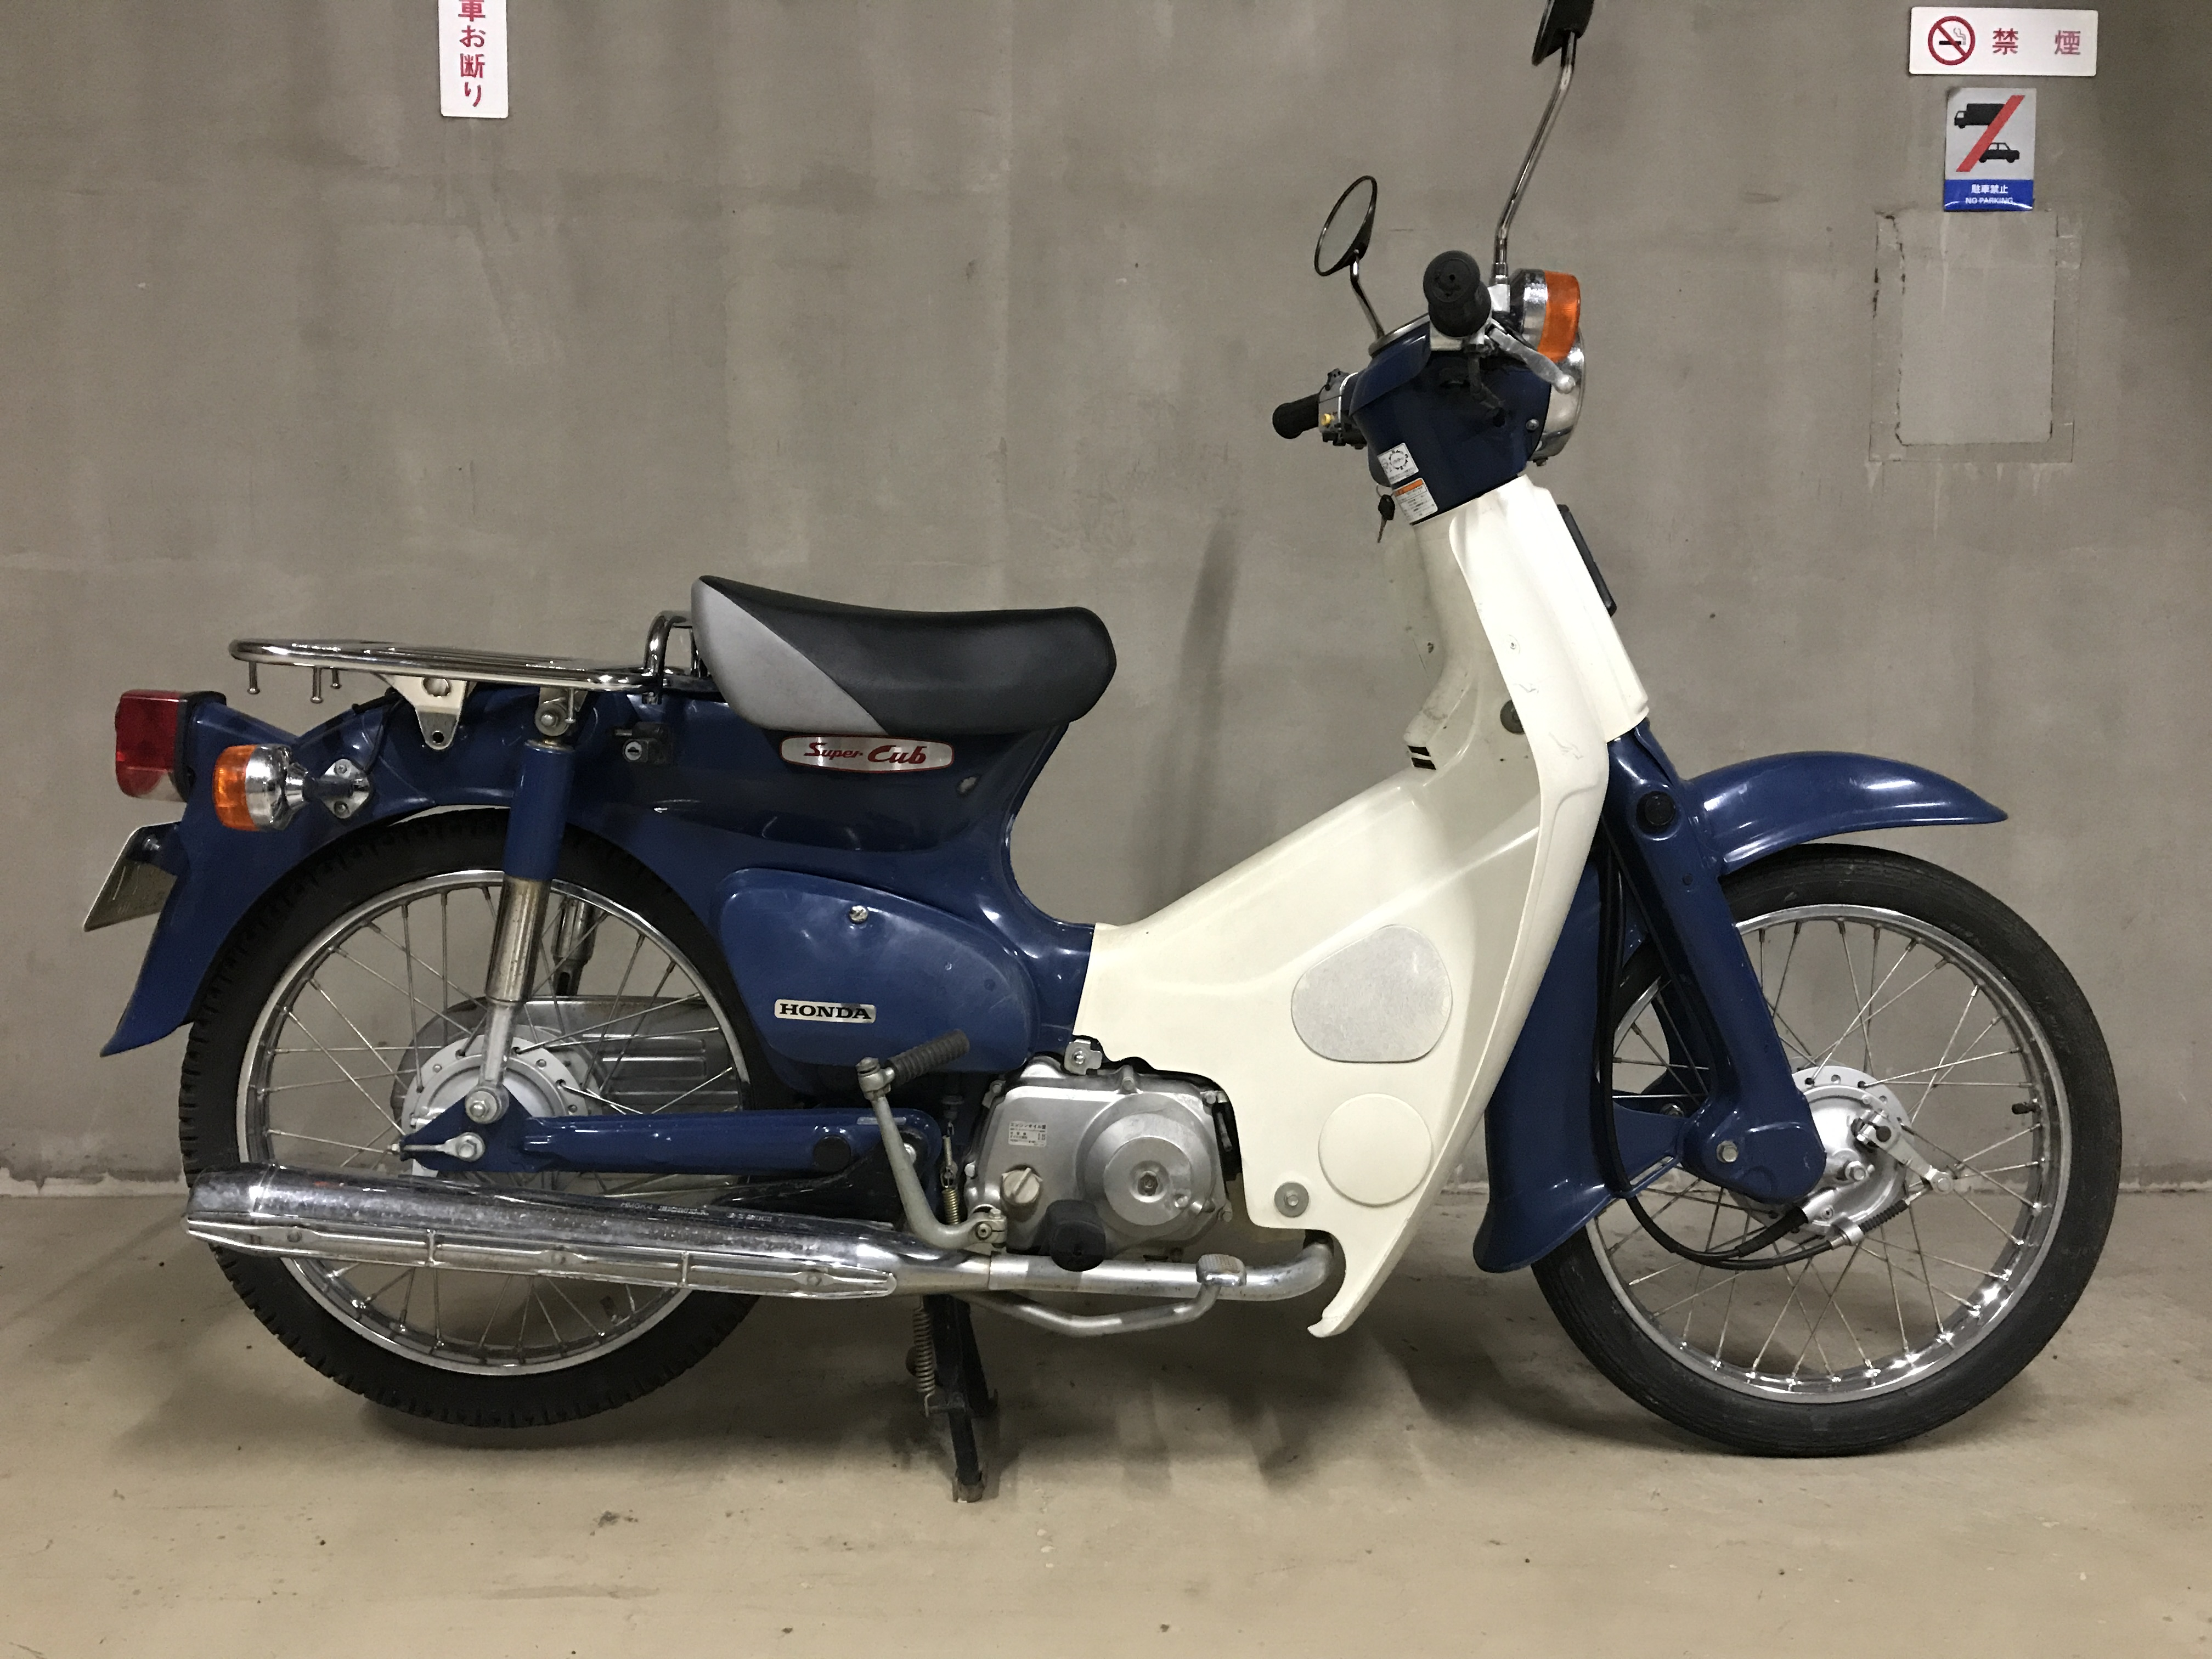 スーパーカブ (HN-00) - 【公式】レンタルバイクのベストBike® 横浜駅前